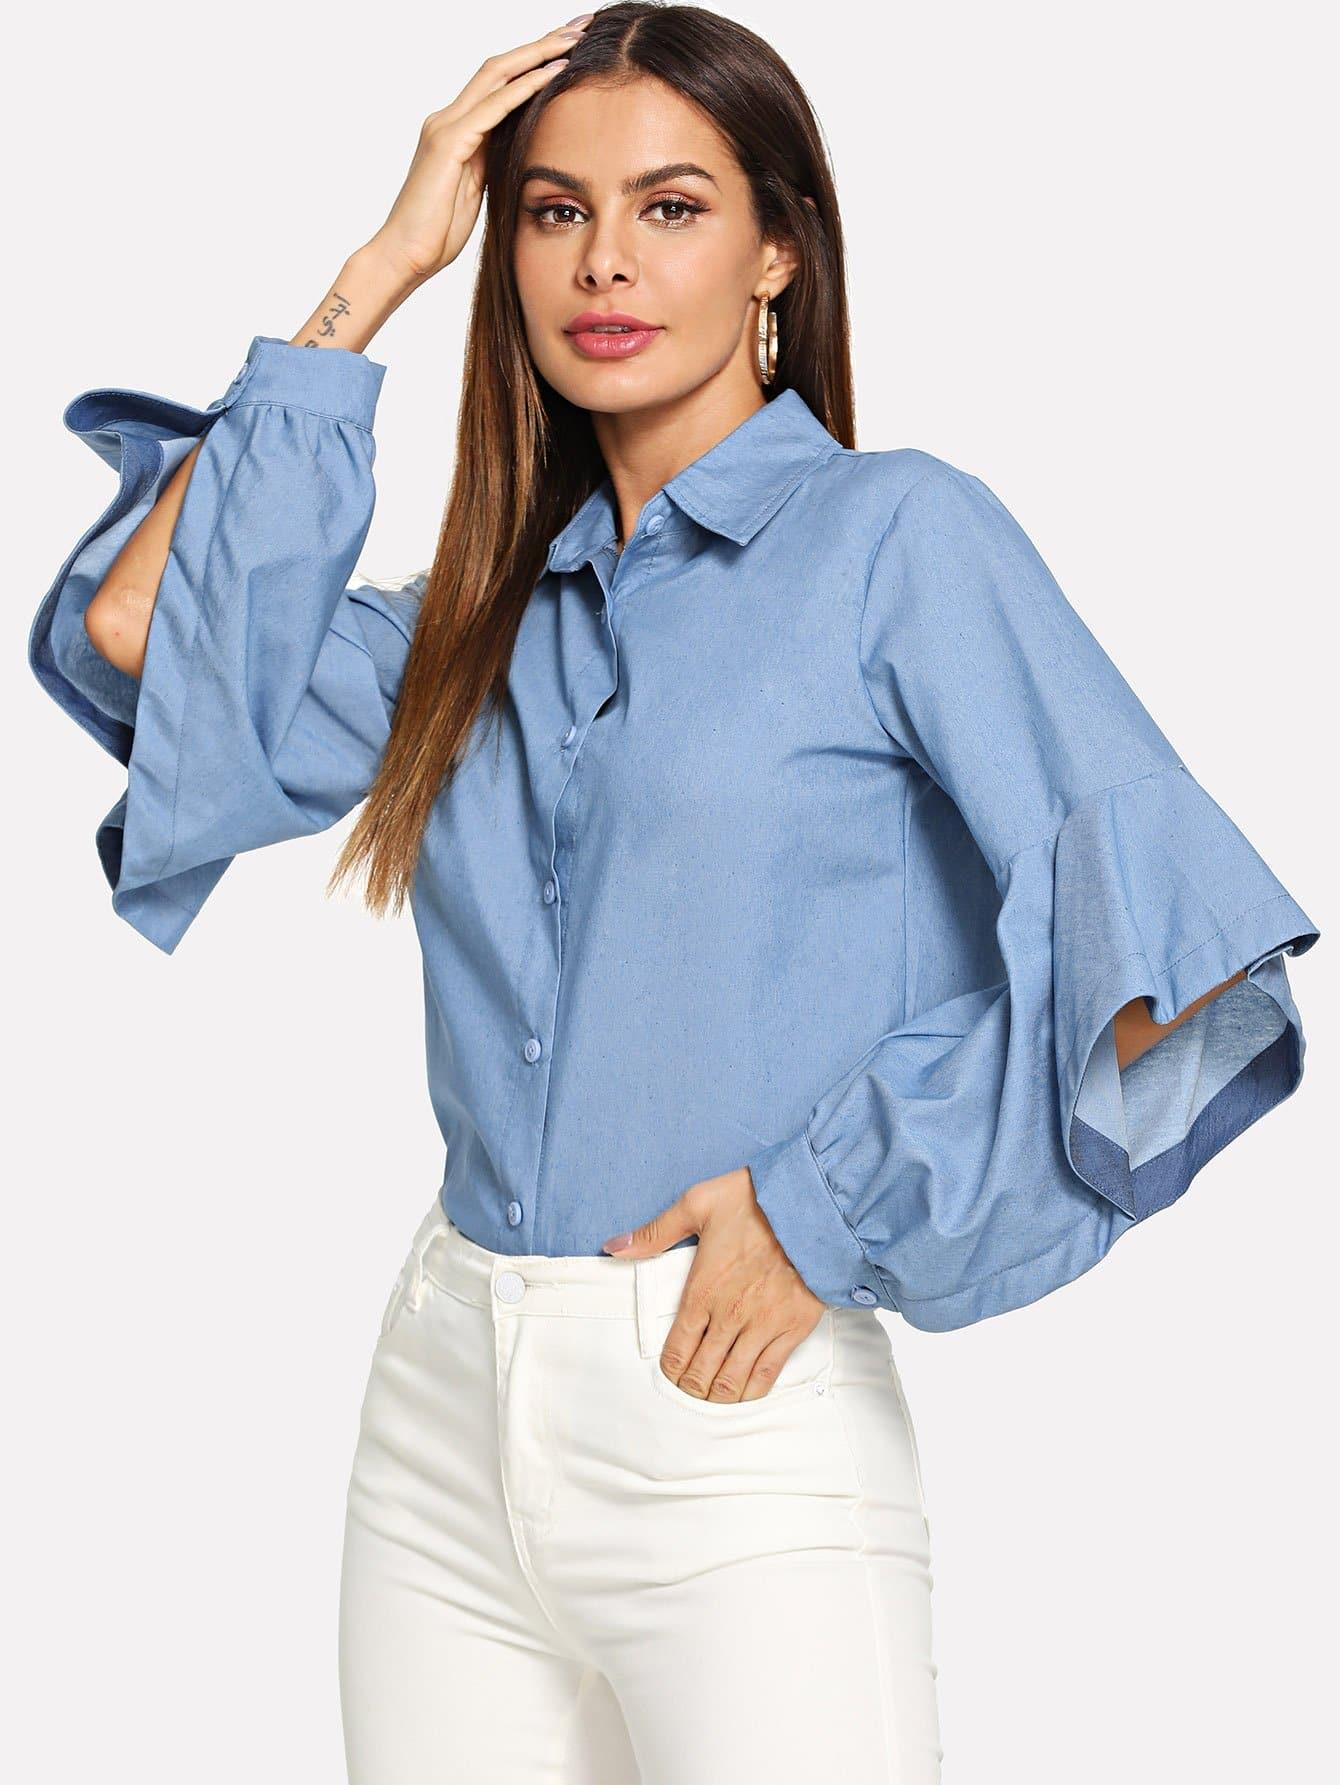 Купить Простая джинсовая блузка с волнистыми оторочками и с украшением пуговицы, Andy, SheIn